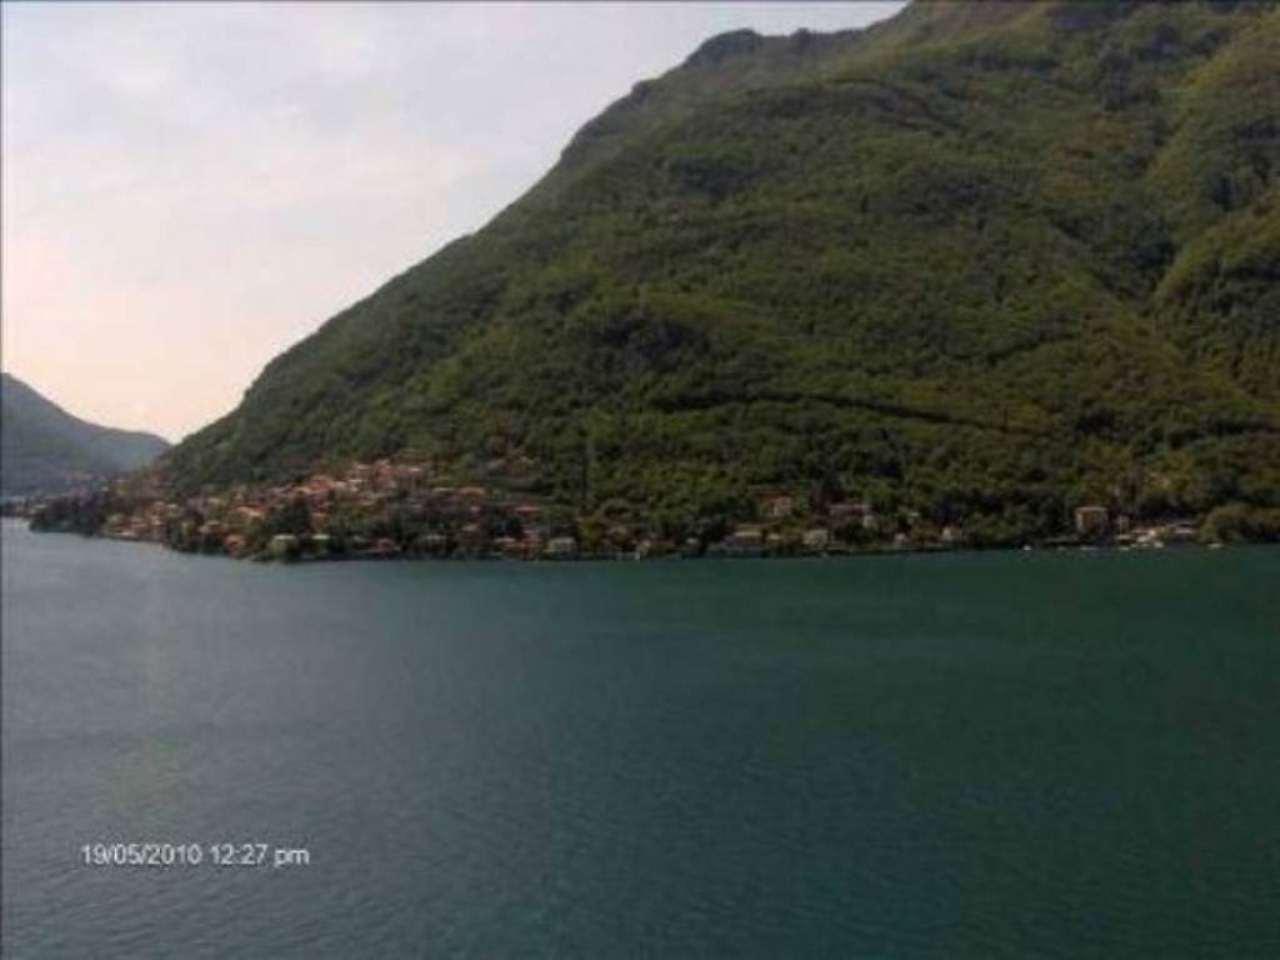 Attico / Mansarda in vendita a Nesso, 9999 locali, prezzo € 980.000 | Cambio Casa.it